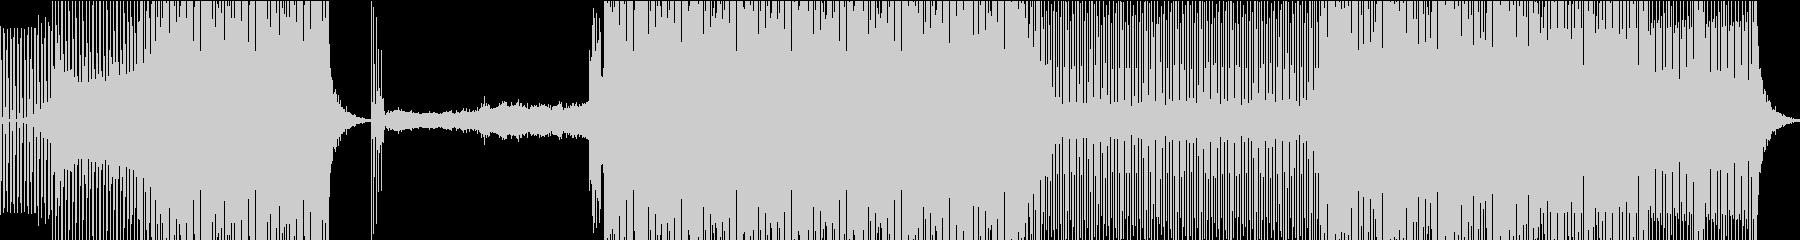 ファンキーでやや暗いエレクトロトラックの未再生の波形